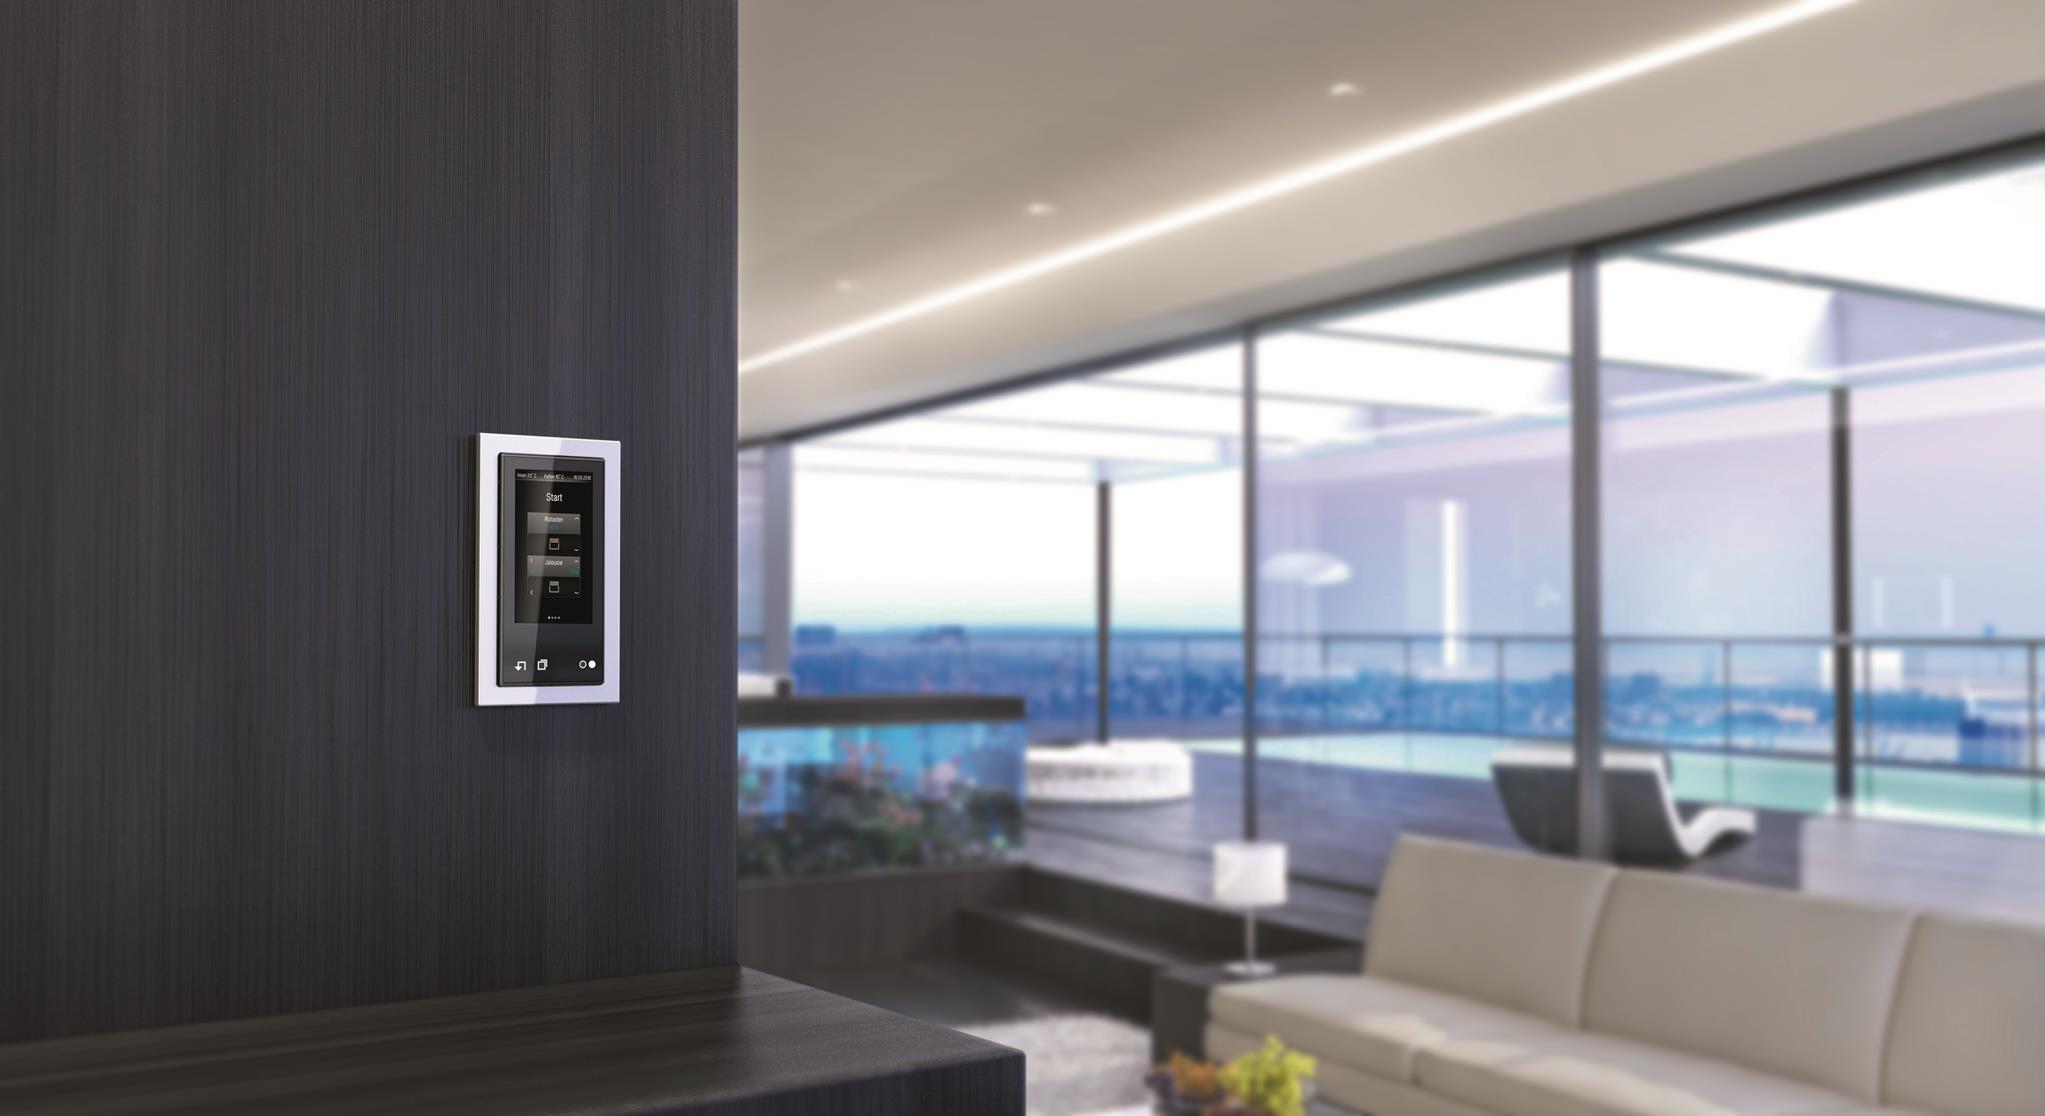 knx geb udetechnik. Black Bedroom Furniture Sets. Home Design Ideas